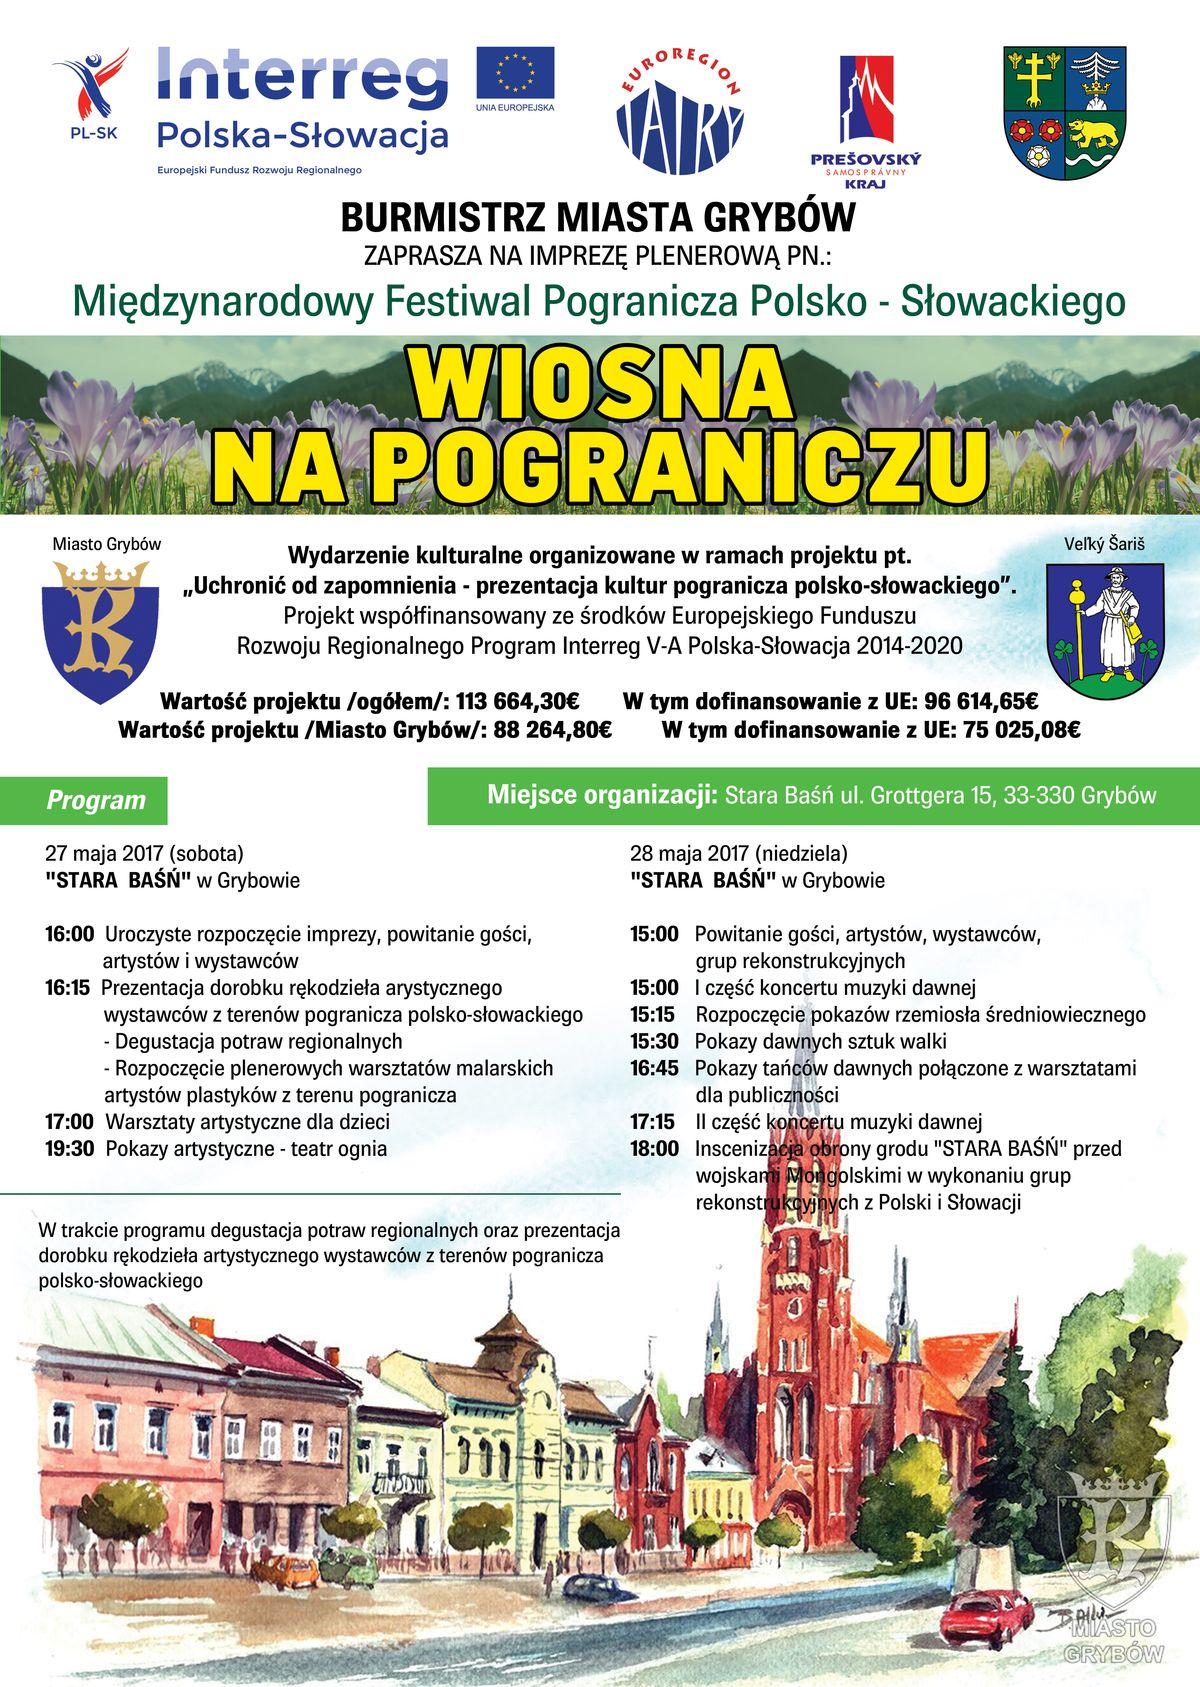 """Międzynarodowy Festiwal Pogranicza Polsko-Słowackiego pn. """"Wiosna na pograniczu"""""""